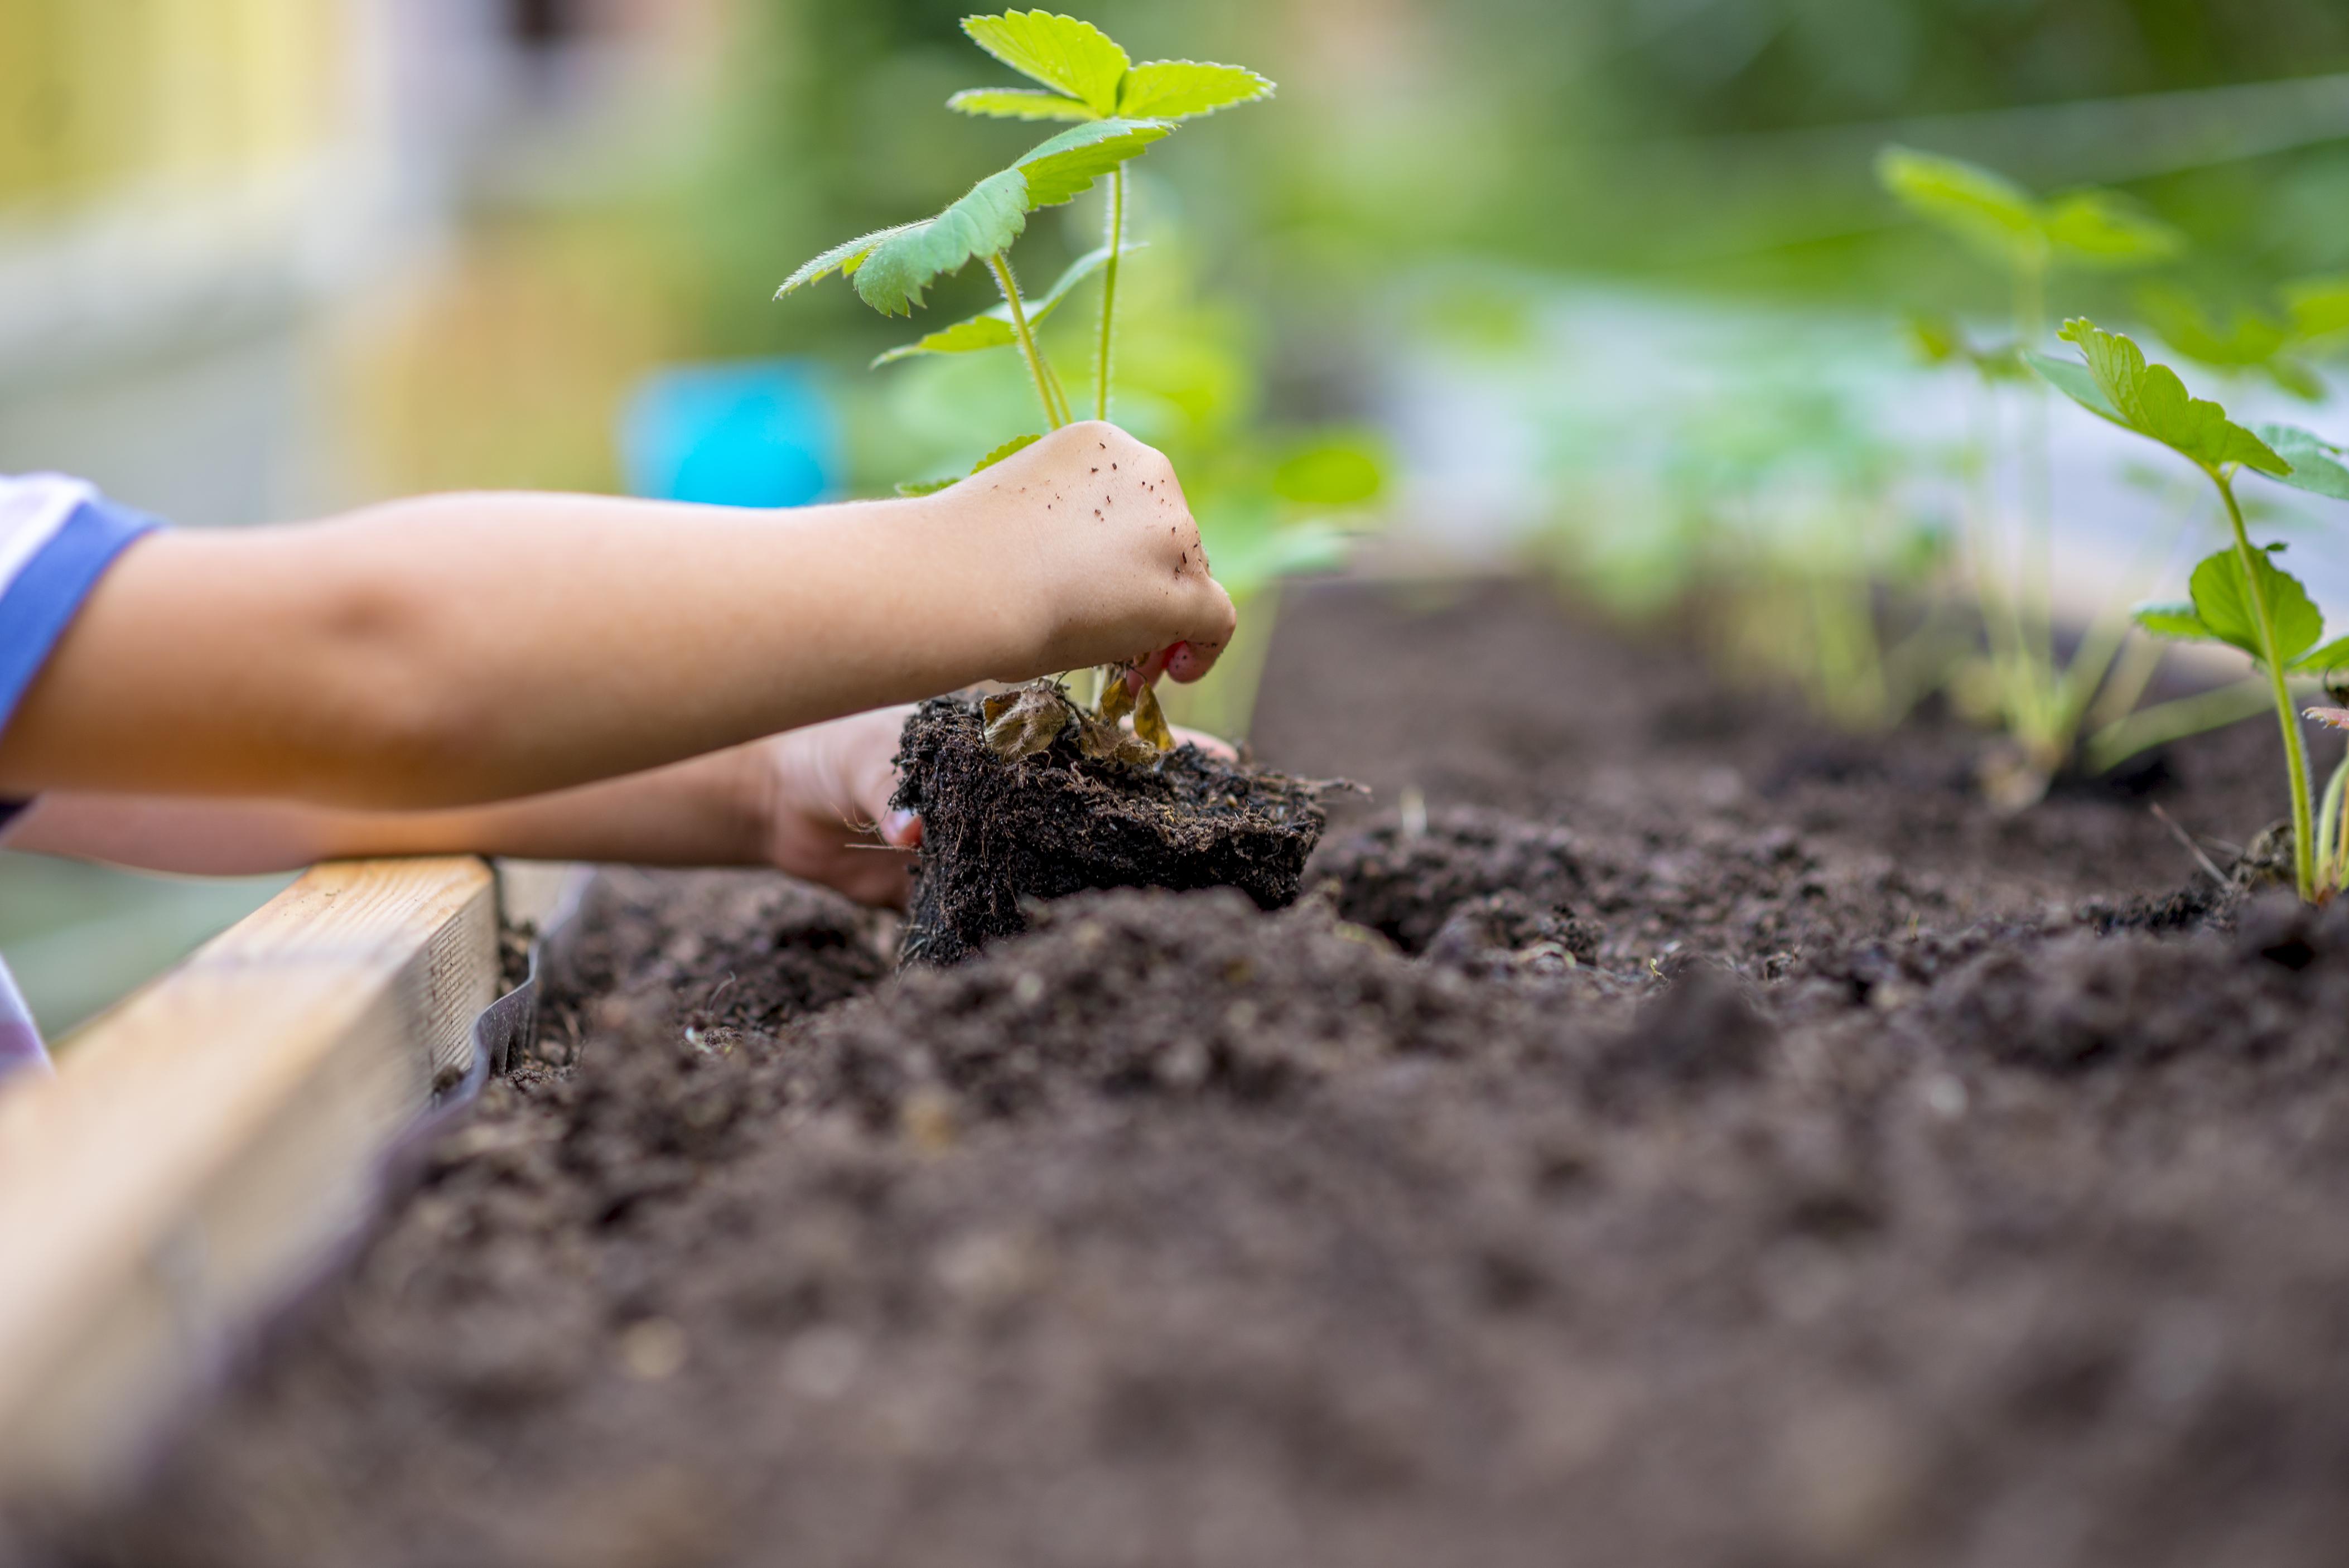 第三回 樹木をきれいで健康に保つために、必要なお手入れ『施肥』編